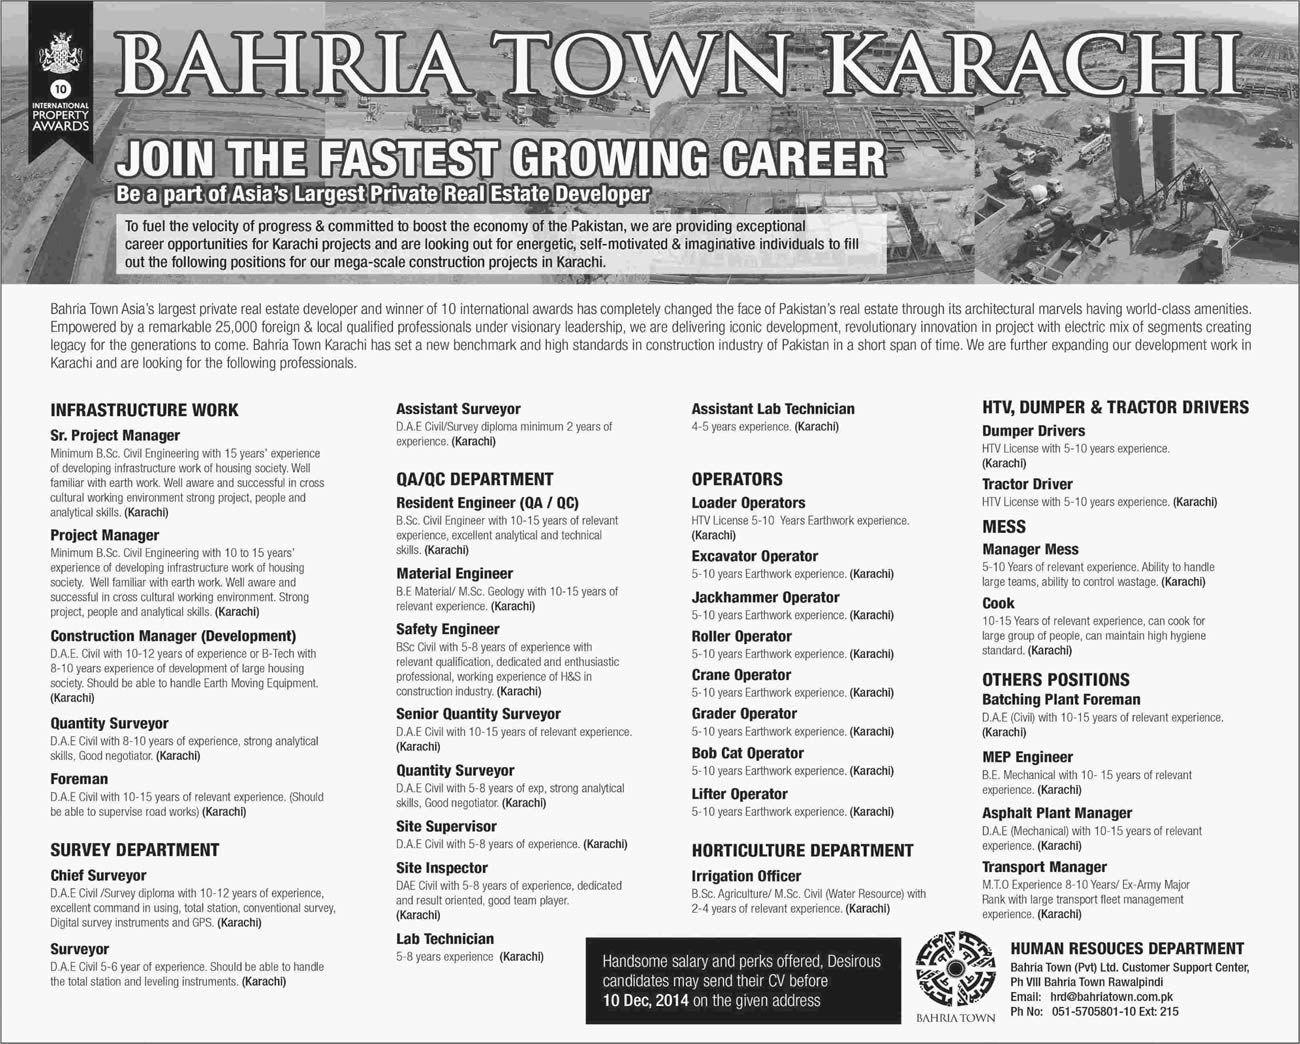 JobsPK bahria town job link Bahria town karachi, Jobs